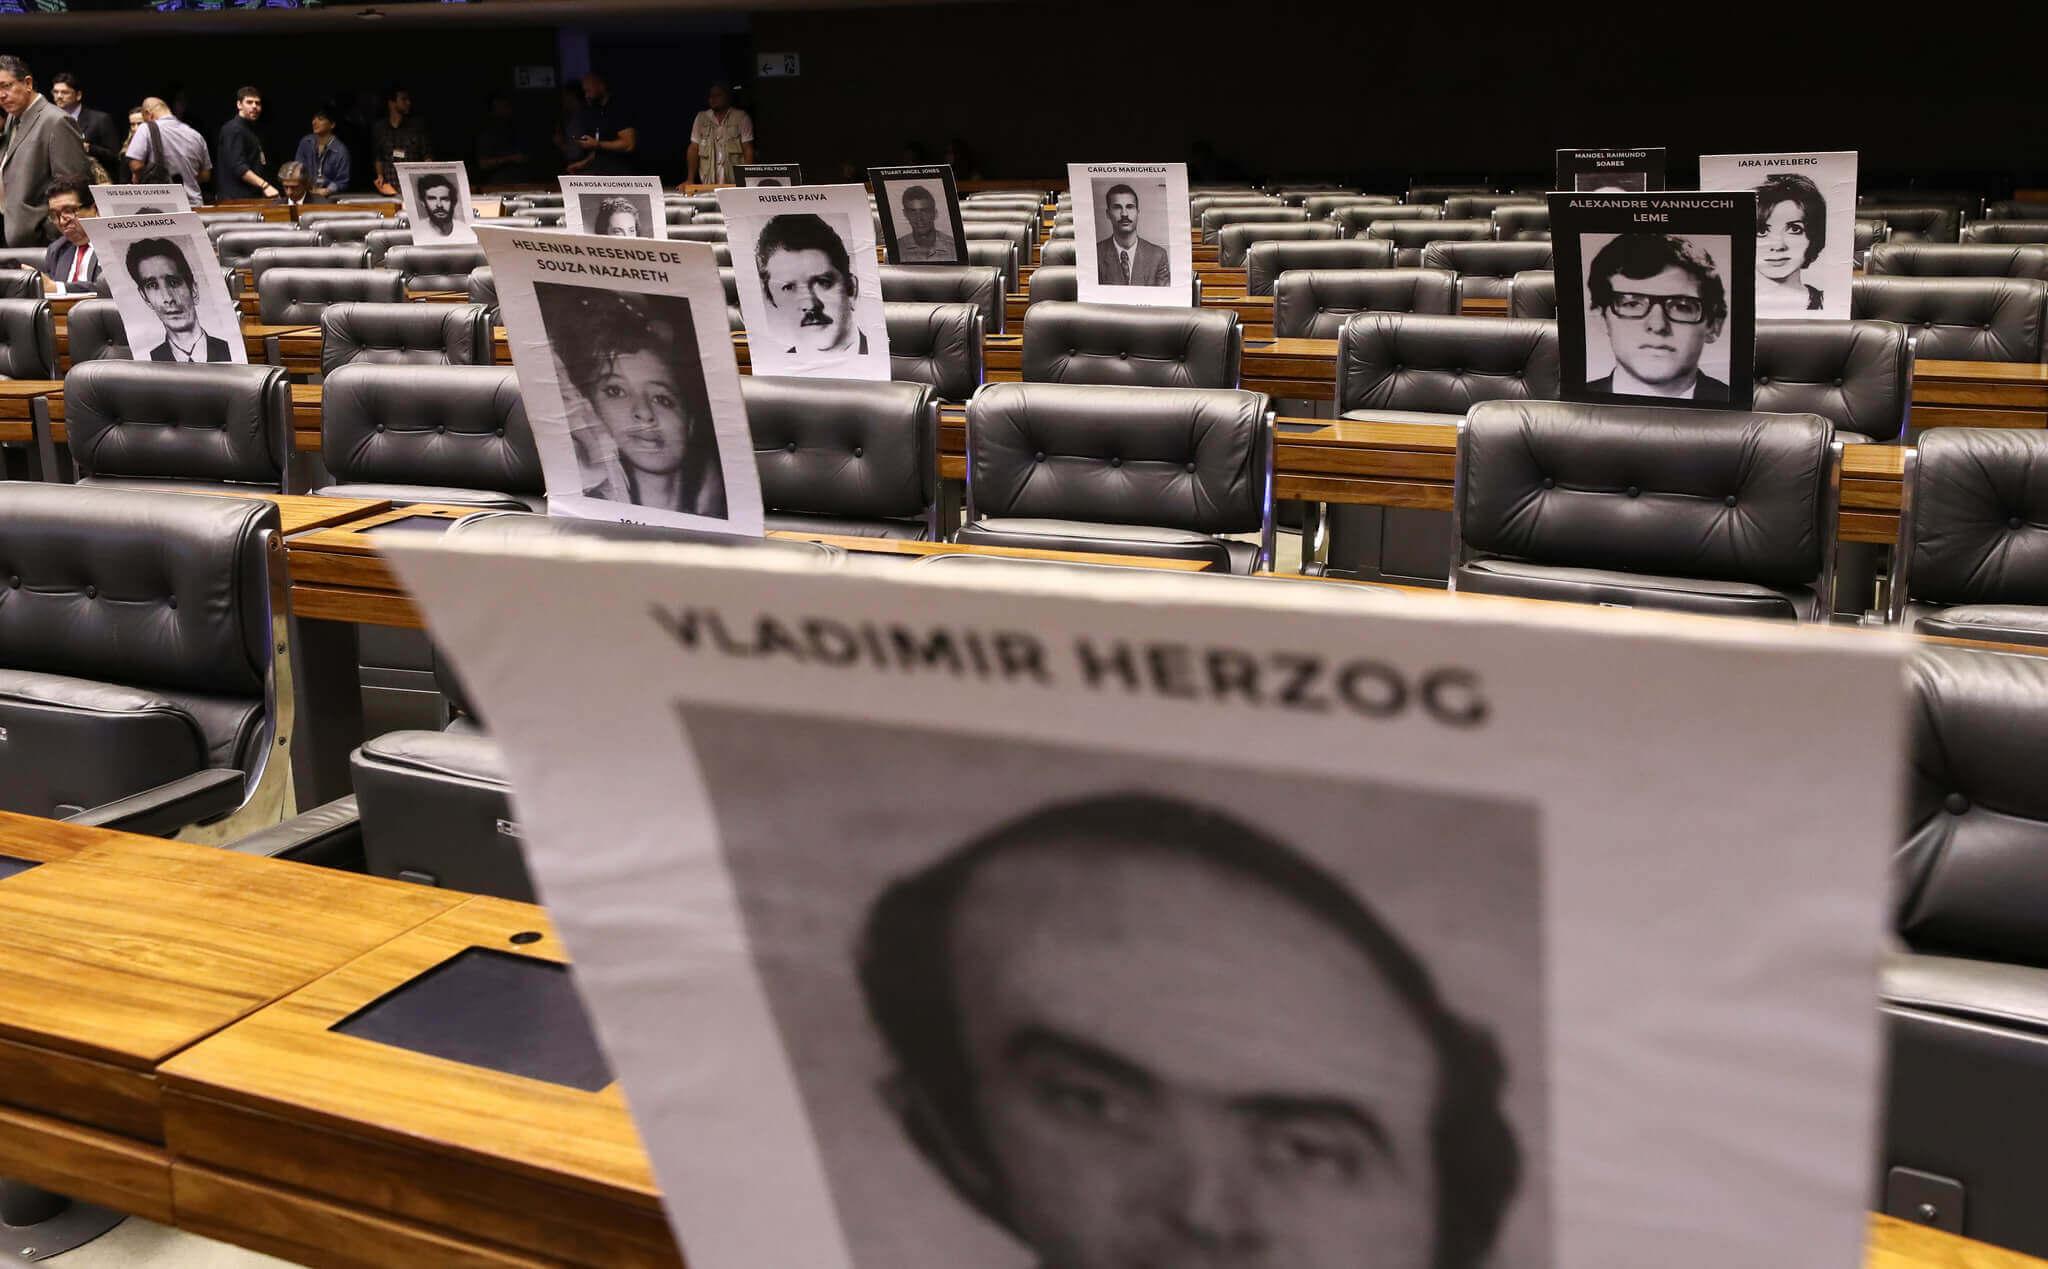 Chaises vides du Congrès national avec images imprimées à la mémoire de ceux qui ont été persécutés pendant la dictature militaire. Contenu AI-5